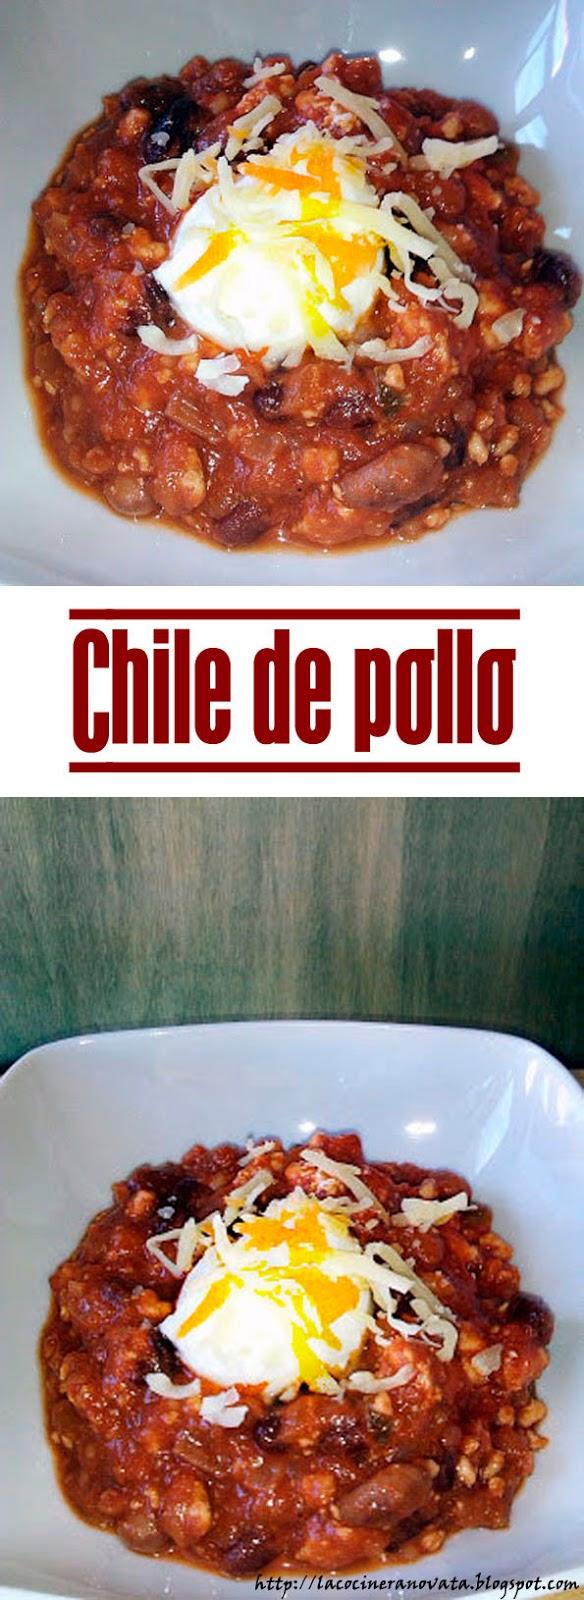 CHILE CON POLLO la cocinera novata COCINA RECETA PLATO MEXICO MEXICANO TEX MEX JUDIAS ROJAS PINTAS CACAO COMINO CILANTRO